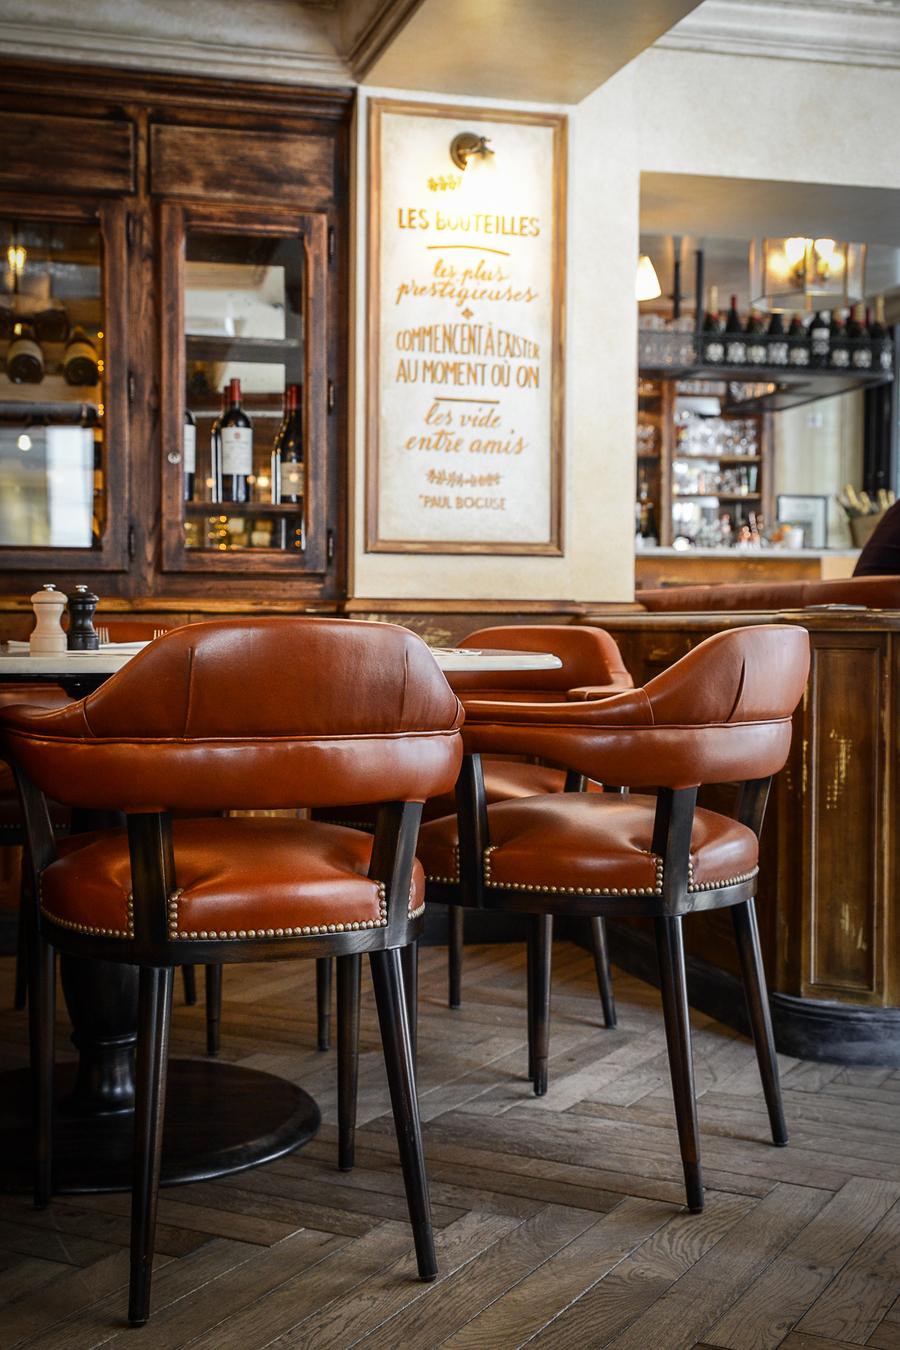 La décoration de la Brasserie Le Vrai Paris dans le quartier de Montmartre de Paris dans le quartier de Montmartre, a été réalisée par le Studio Emma Roux. Luminaires, terrasse, mobilier, identité visuelle.